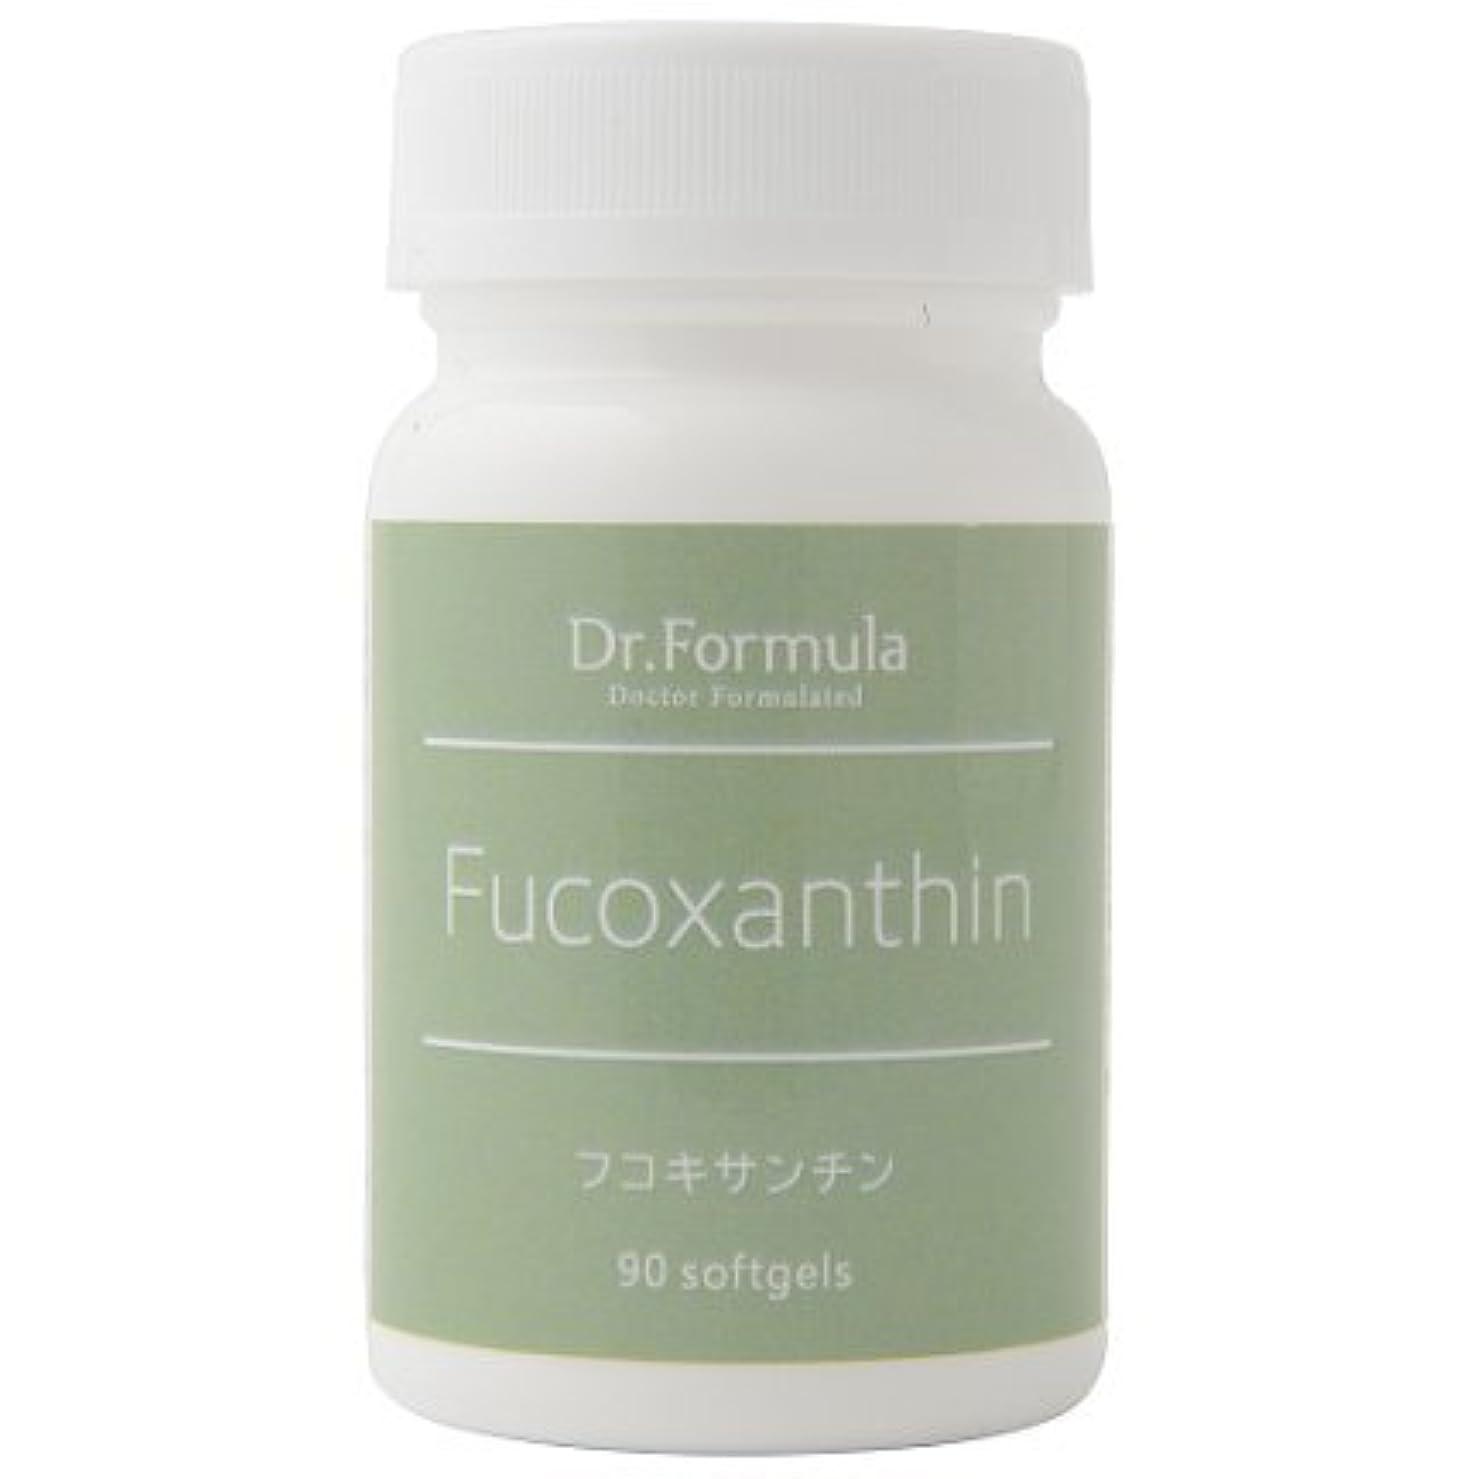 スポークスマン配偶者日付Dr.Formula フコキサンチン(テレビで話題の希少成分) 30日分 90粒 日本製 Fucoxanthin